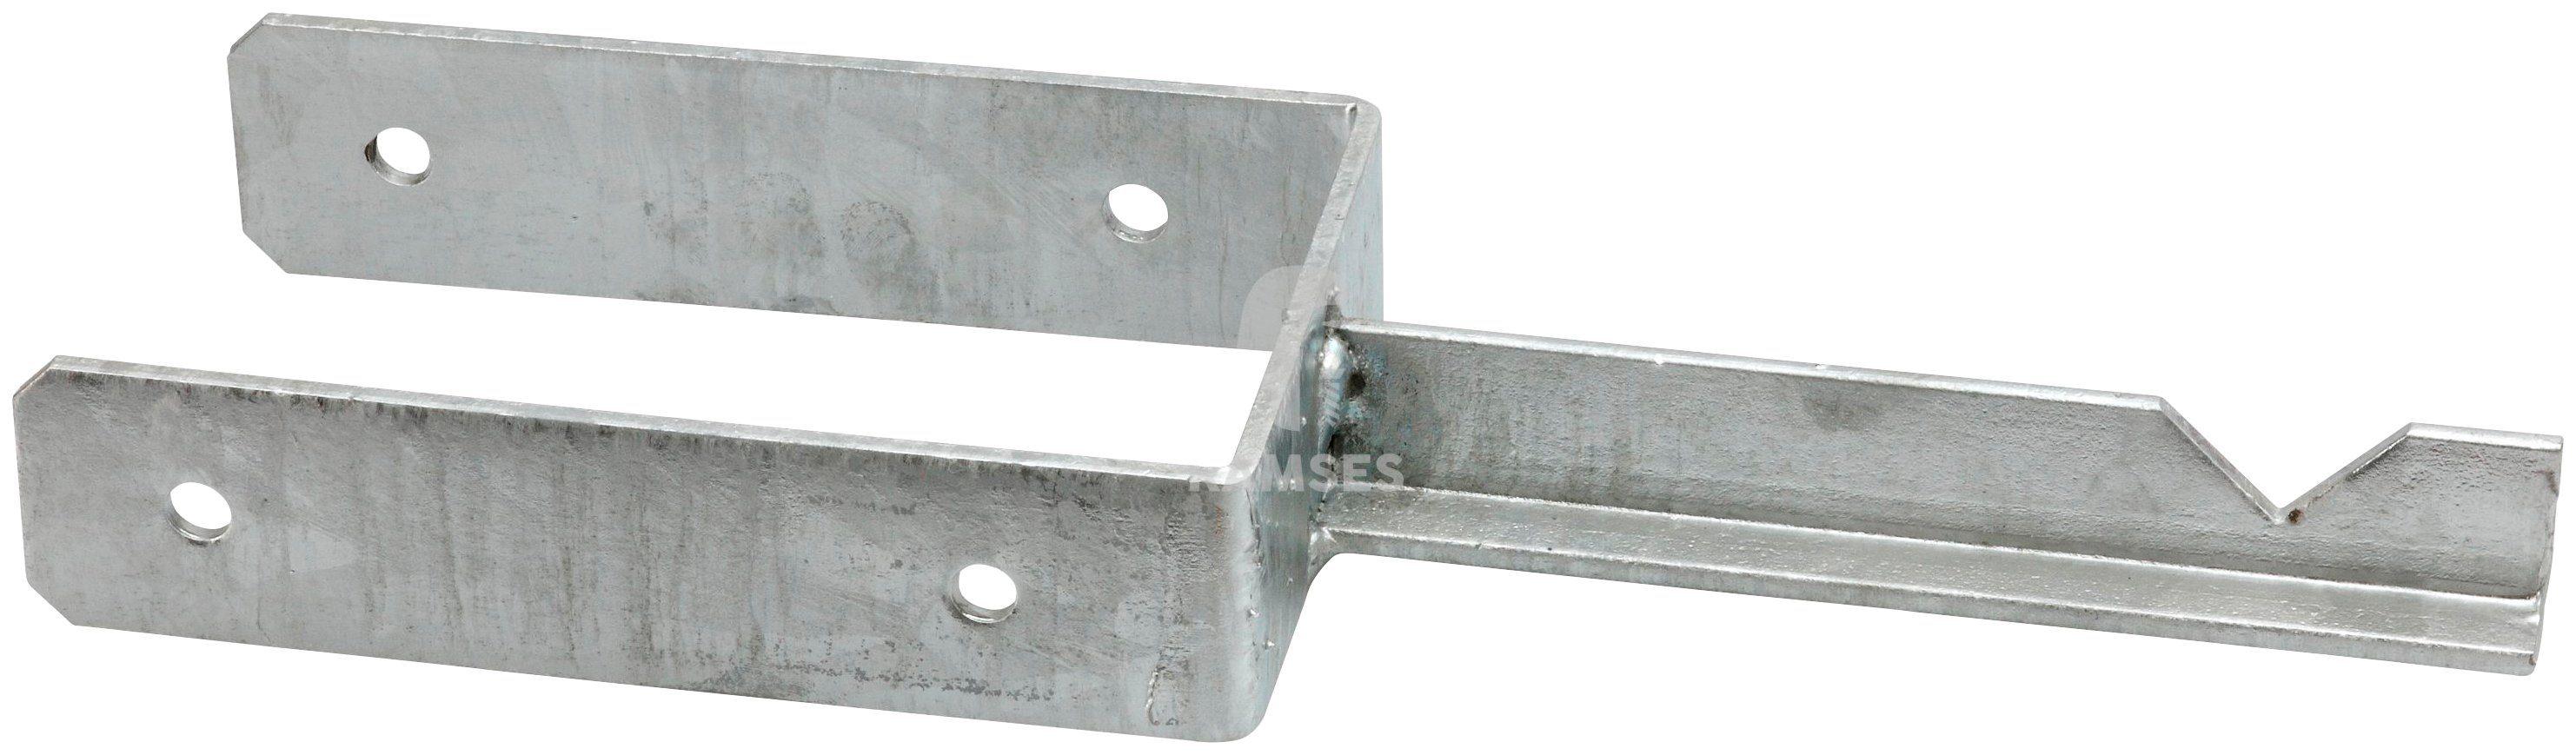 RAMSES Pfostenträger , T-Steindolle 121 X 200 mm Stahl verzinkt